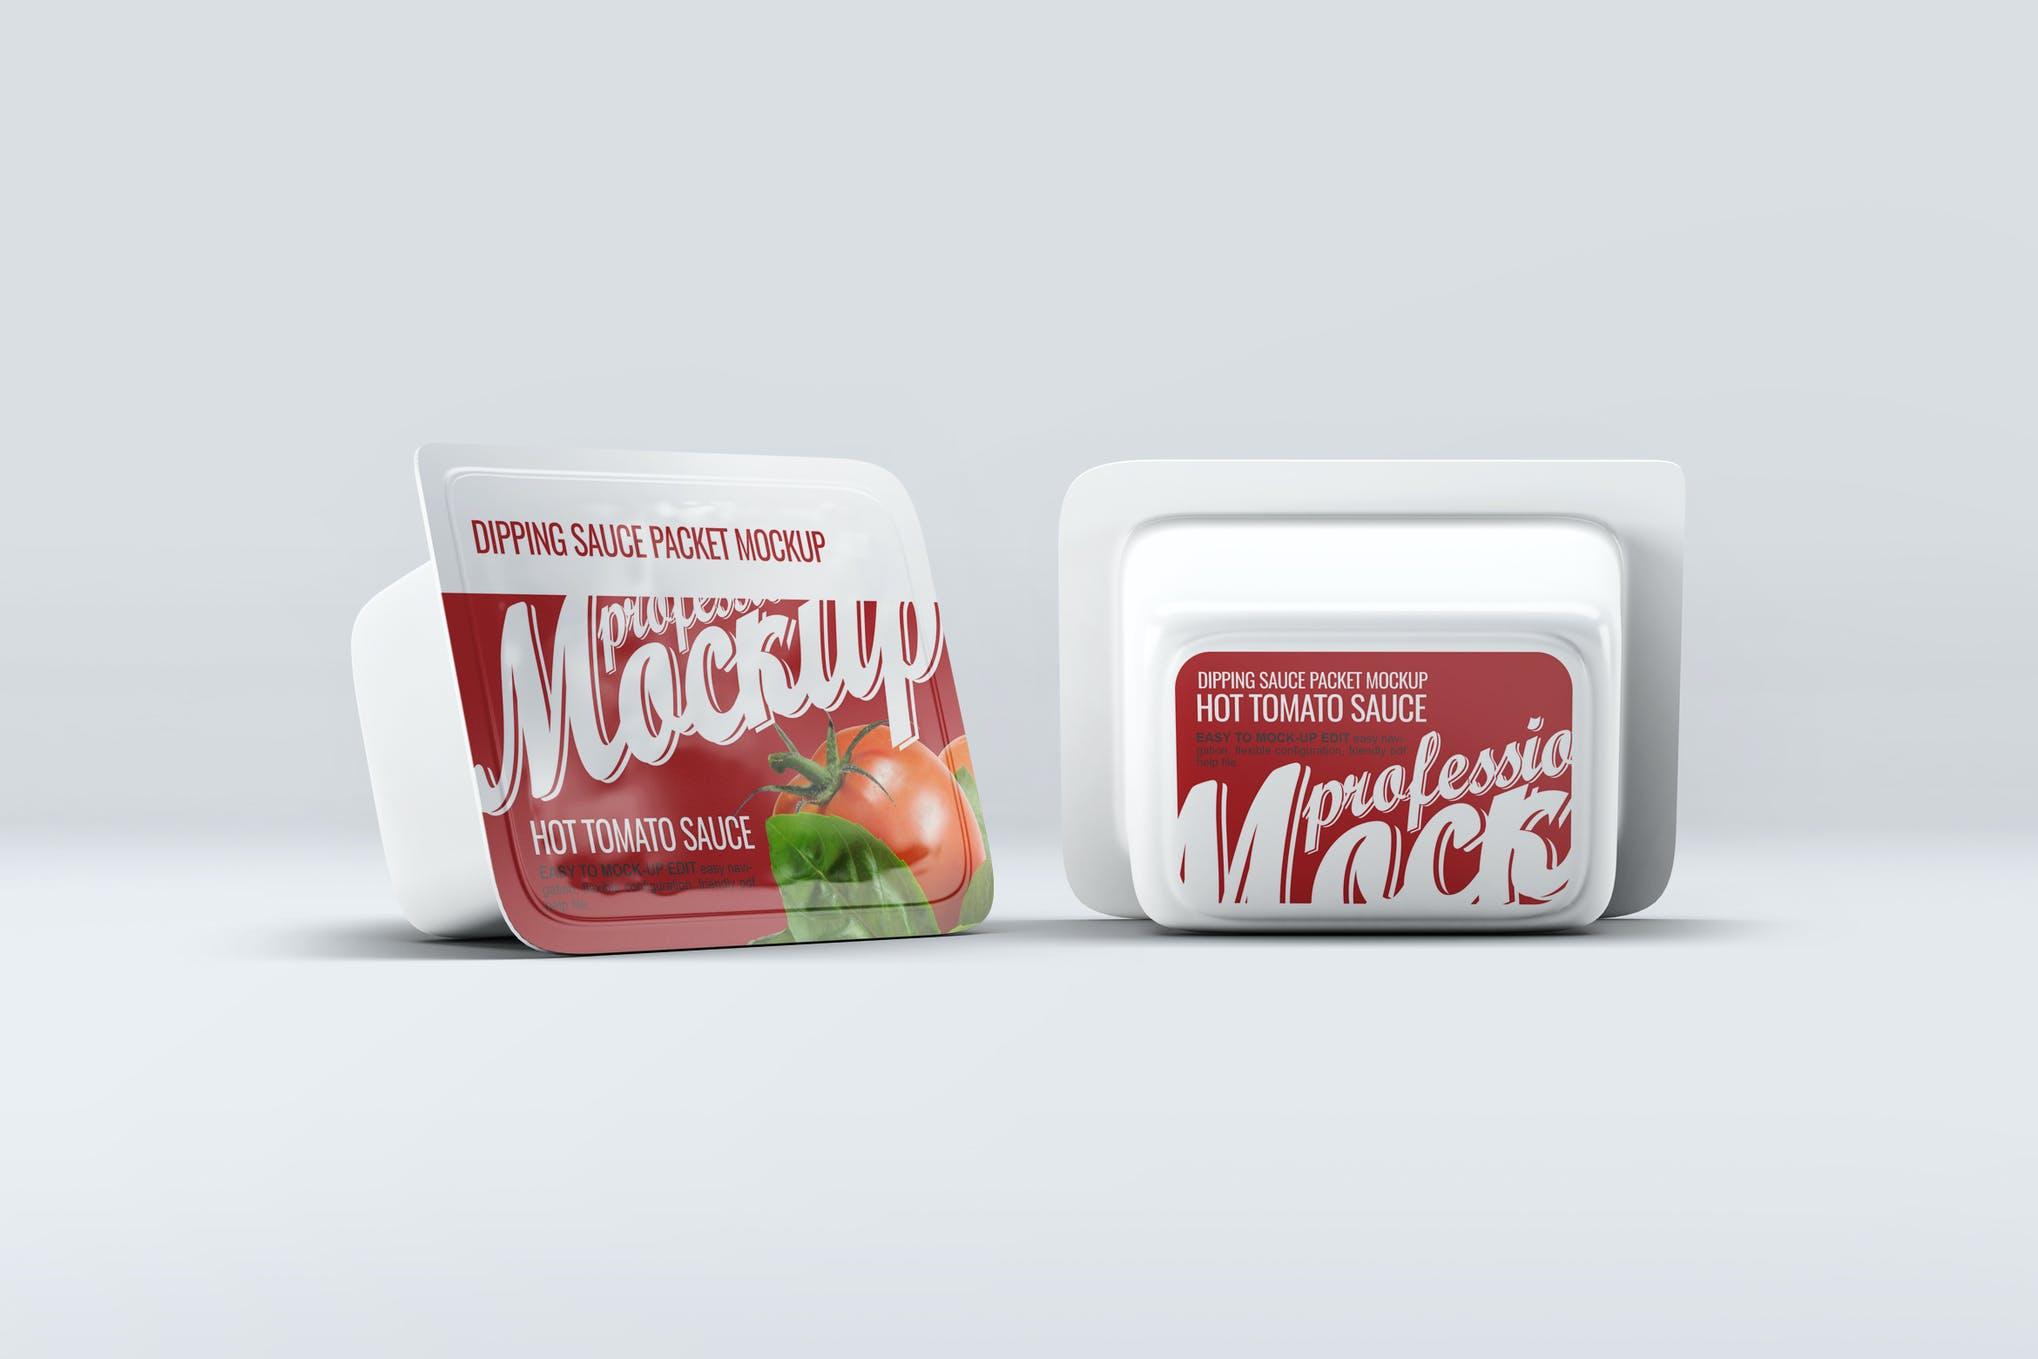 番茄酱小包装盒样机效果图插图(1)